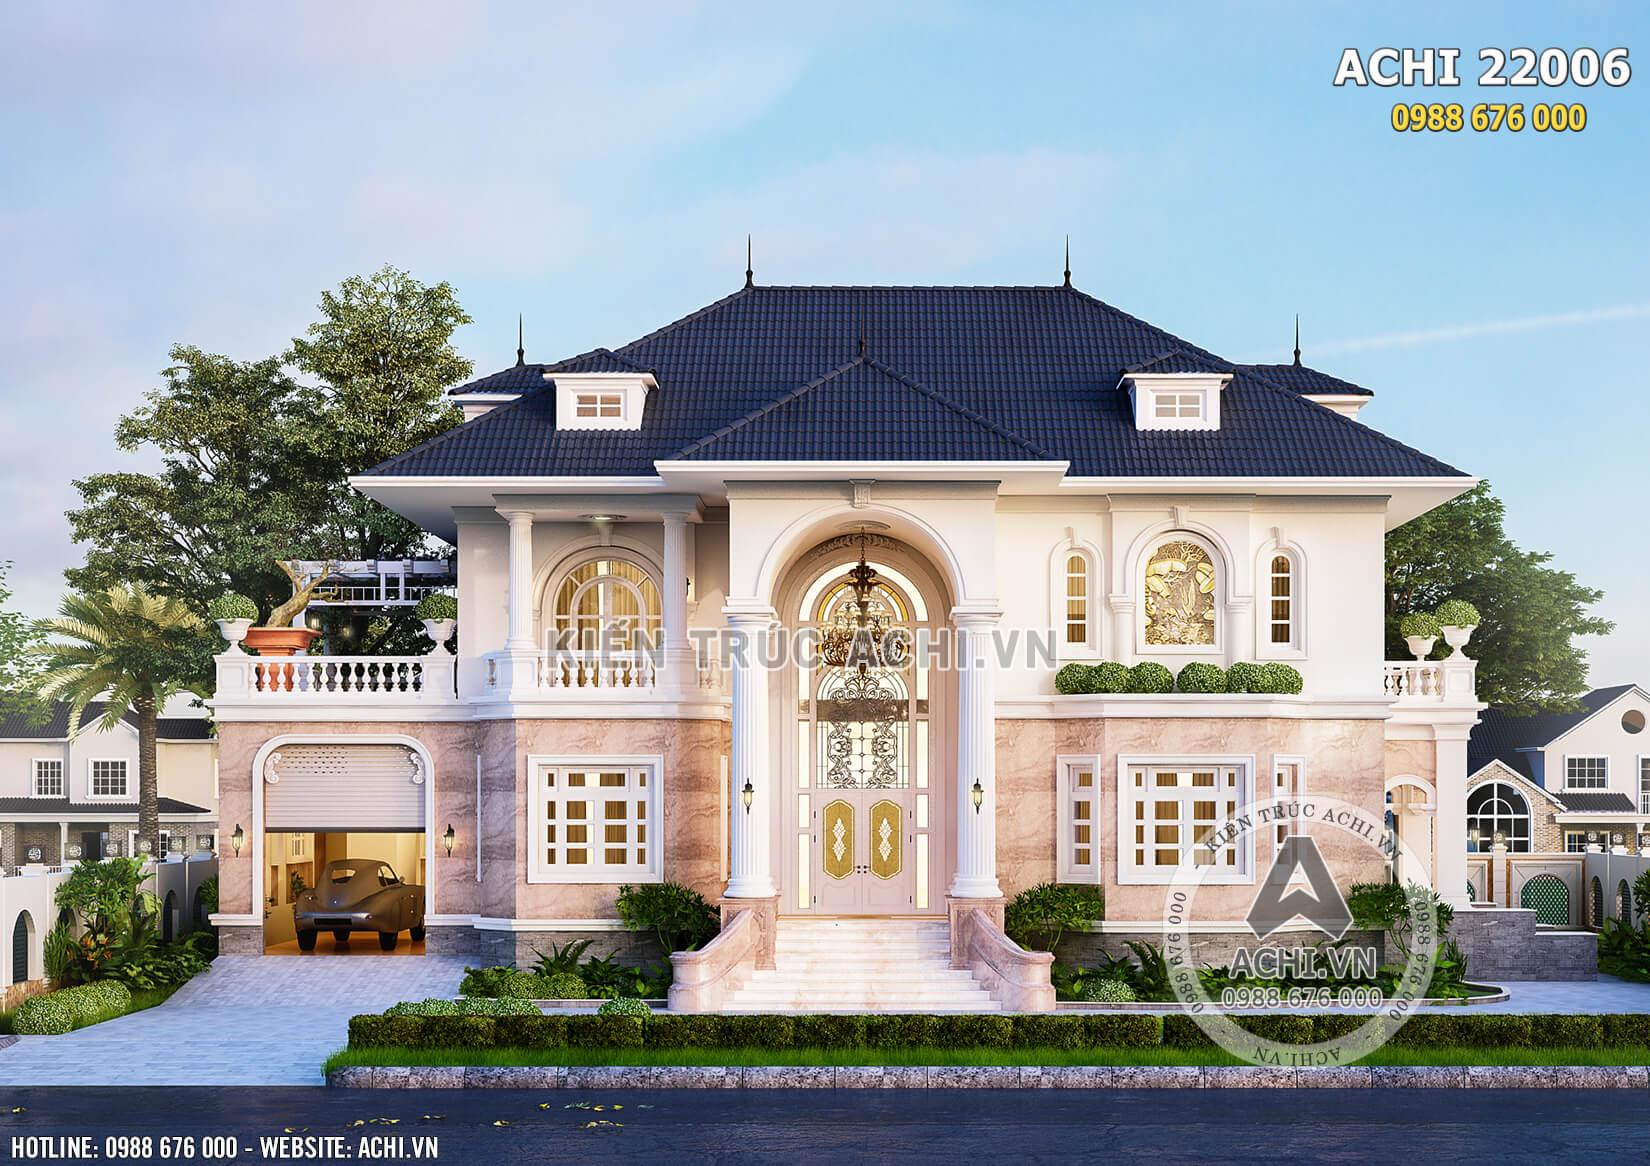 Mẫu biệt thự đẹp 2 tầng tân cổ điển kiến trúc Pháp - ACHI 22006